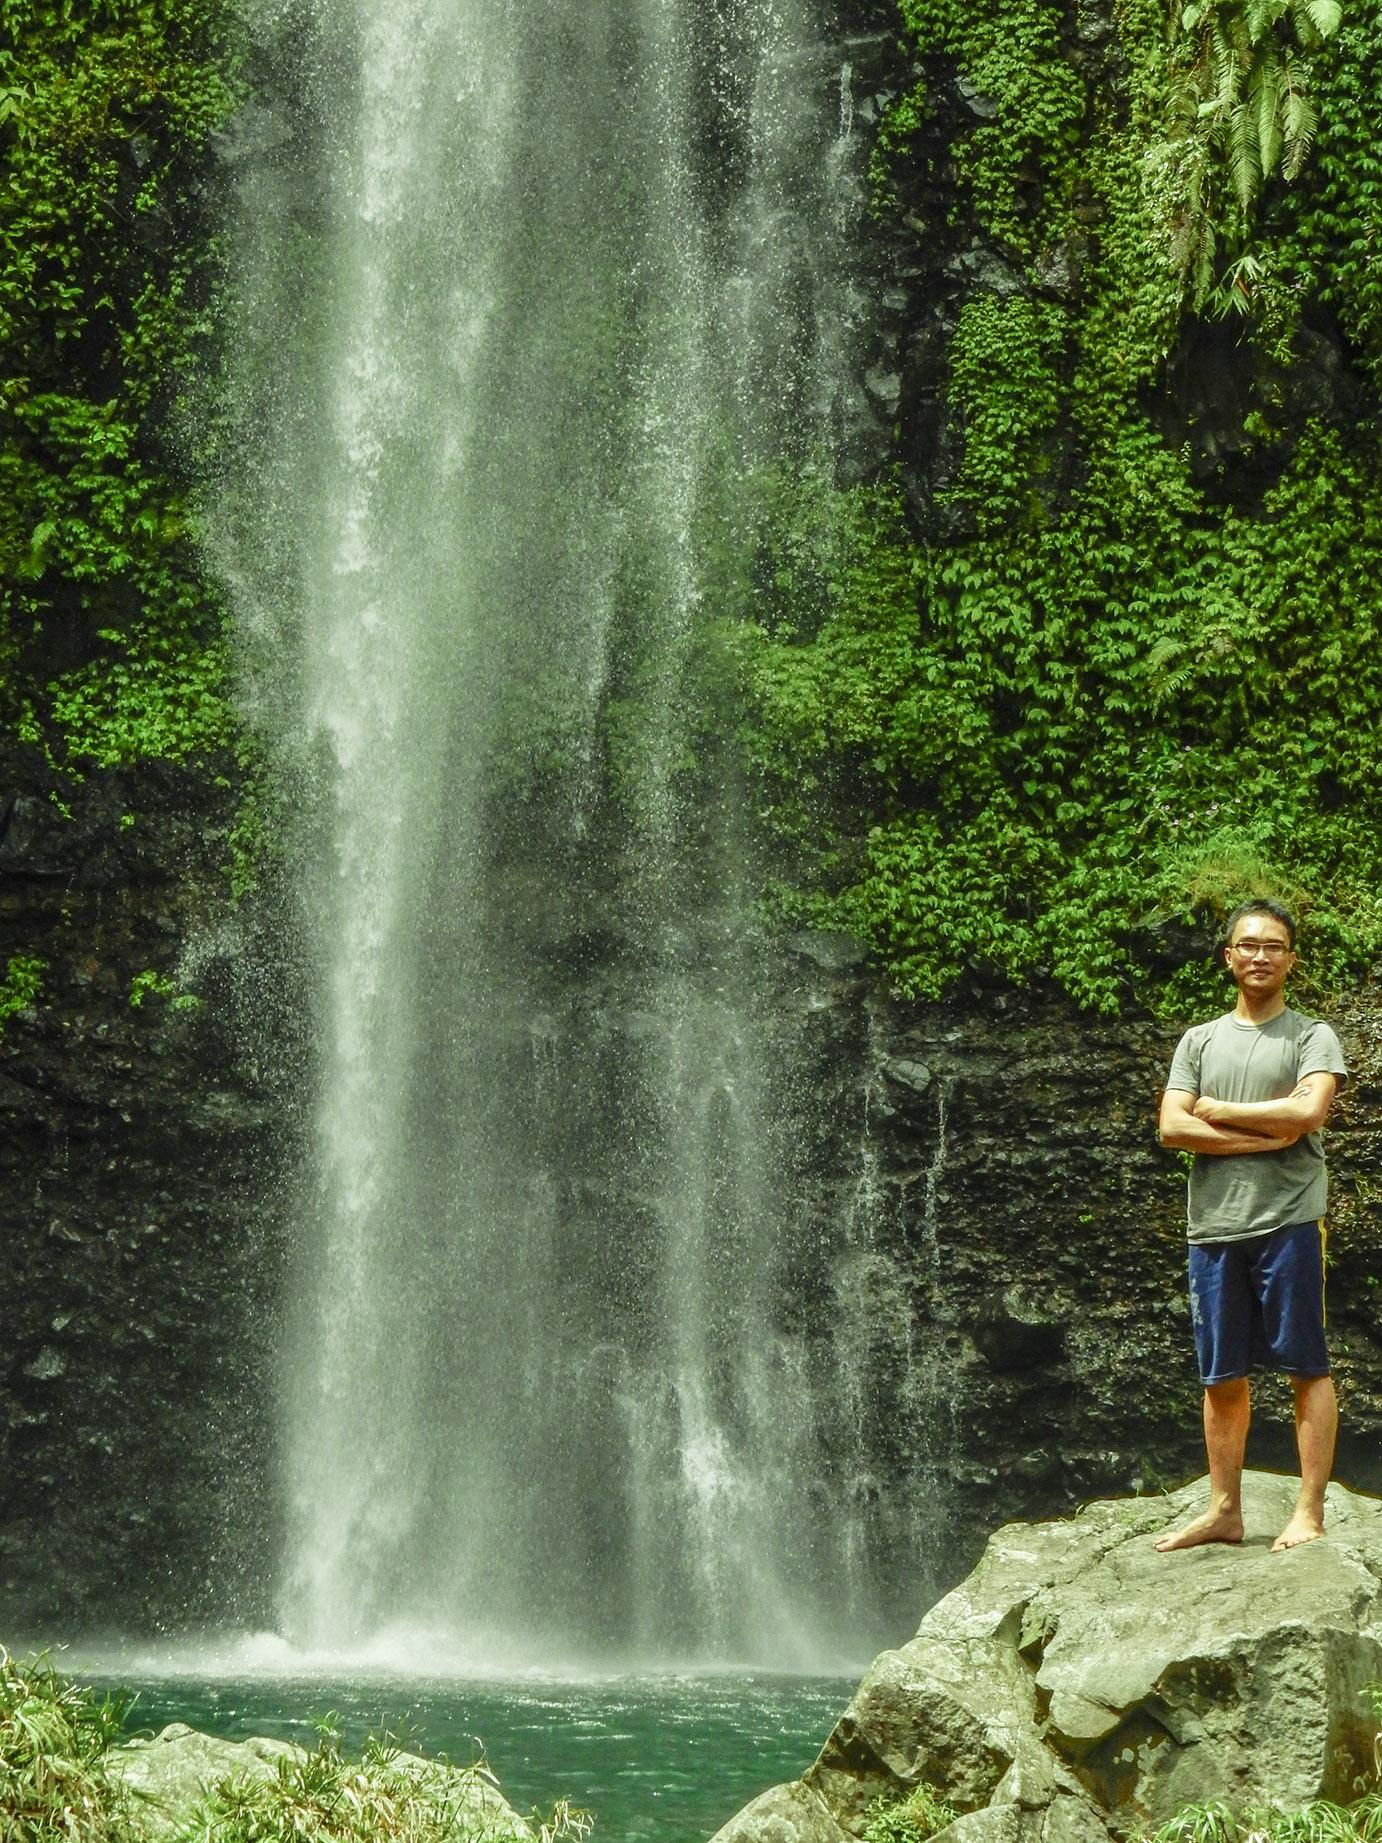 curug gede lokasi yang nyaman untuk menyepi menikmati alam